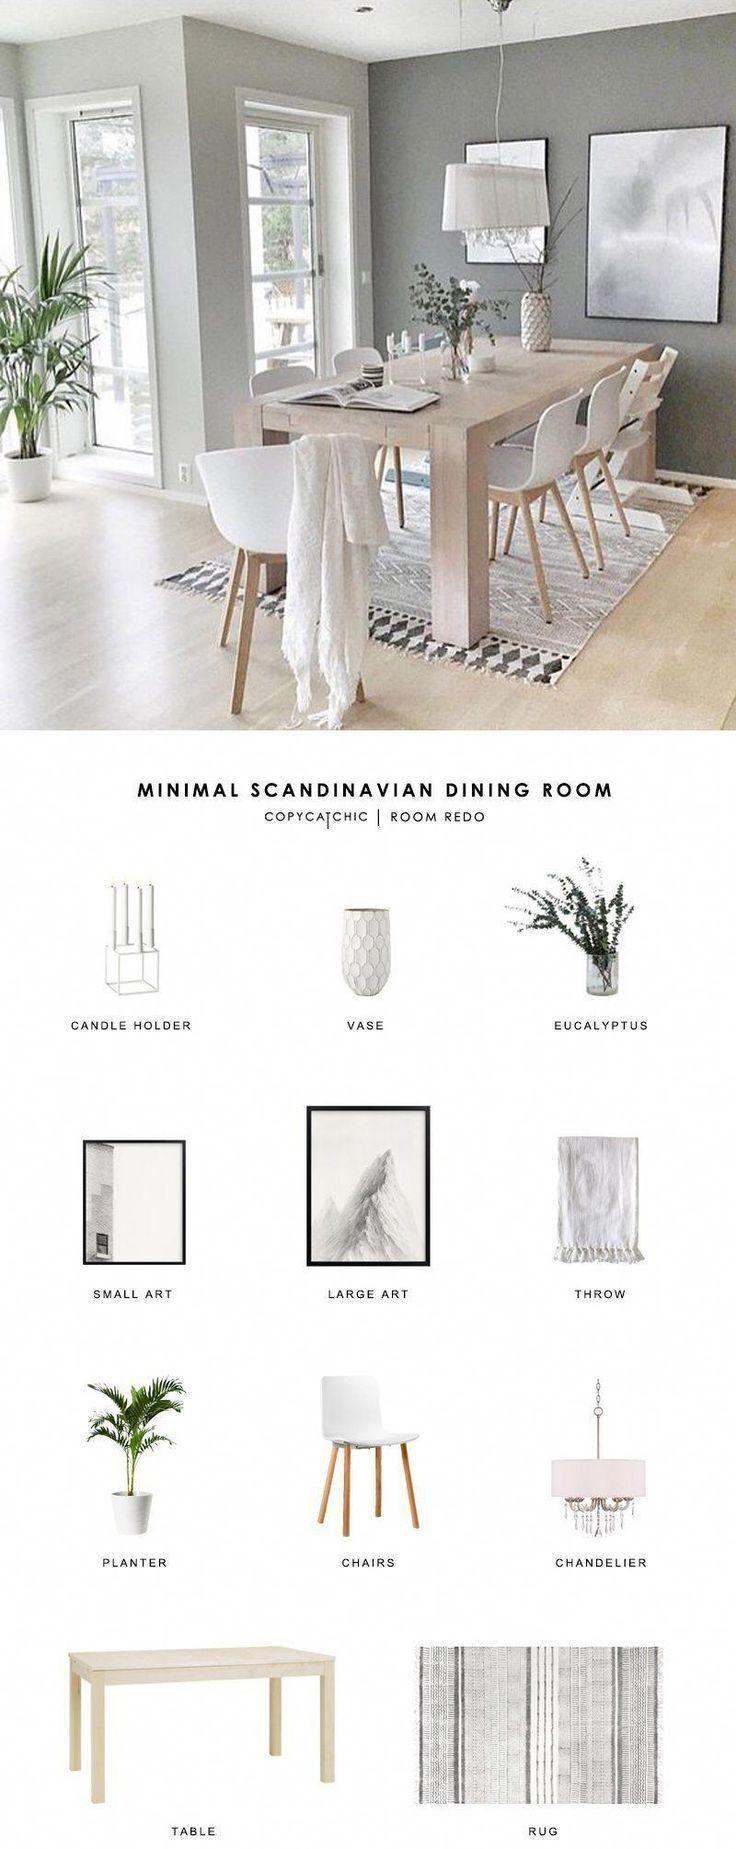 Craquez pour les idées de pièce maîtresse les plus éblouissantes pour votre décor de salle à manger